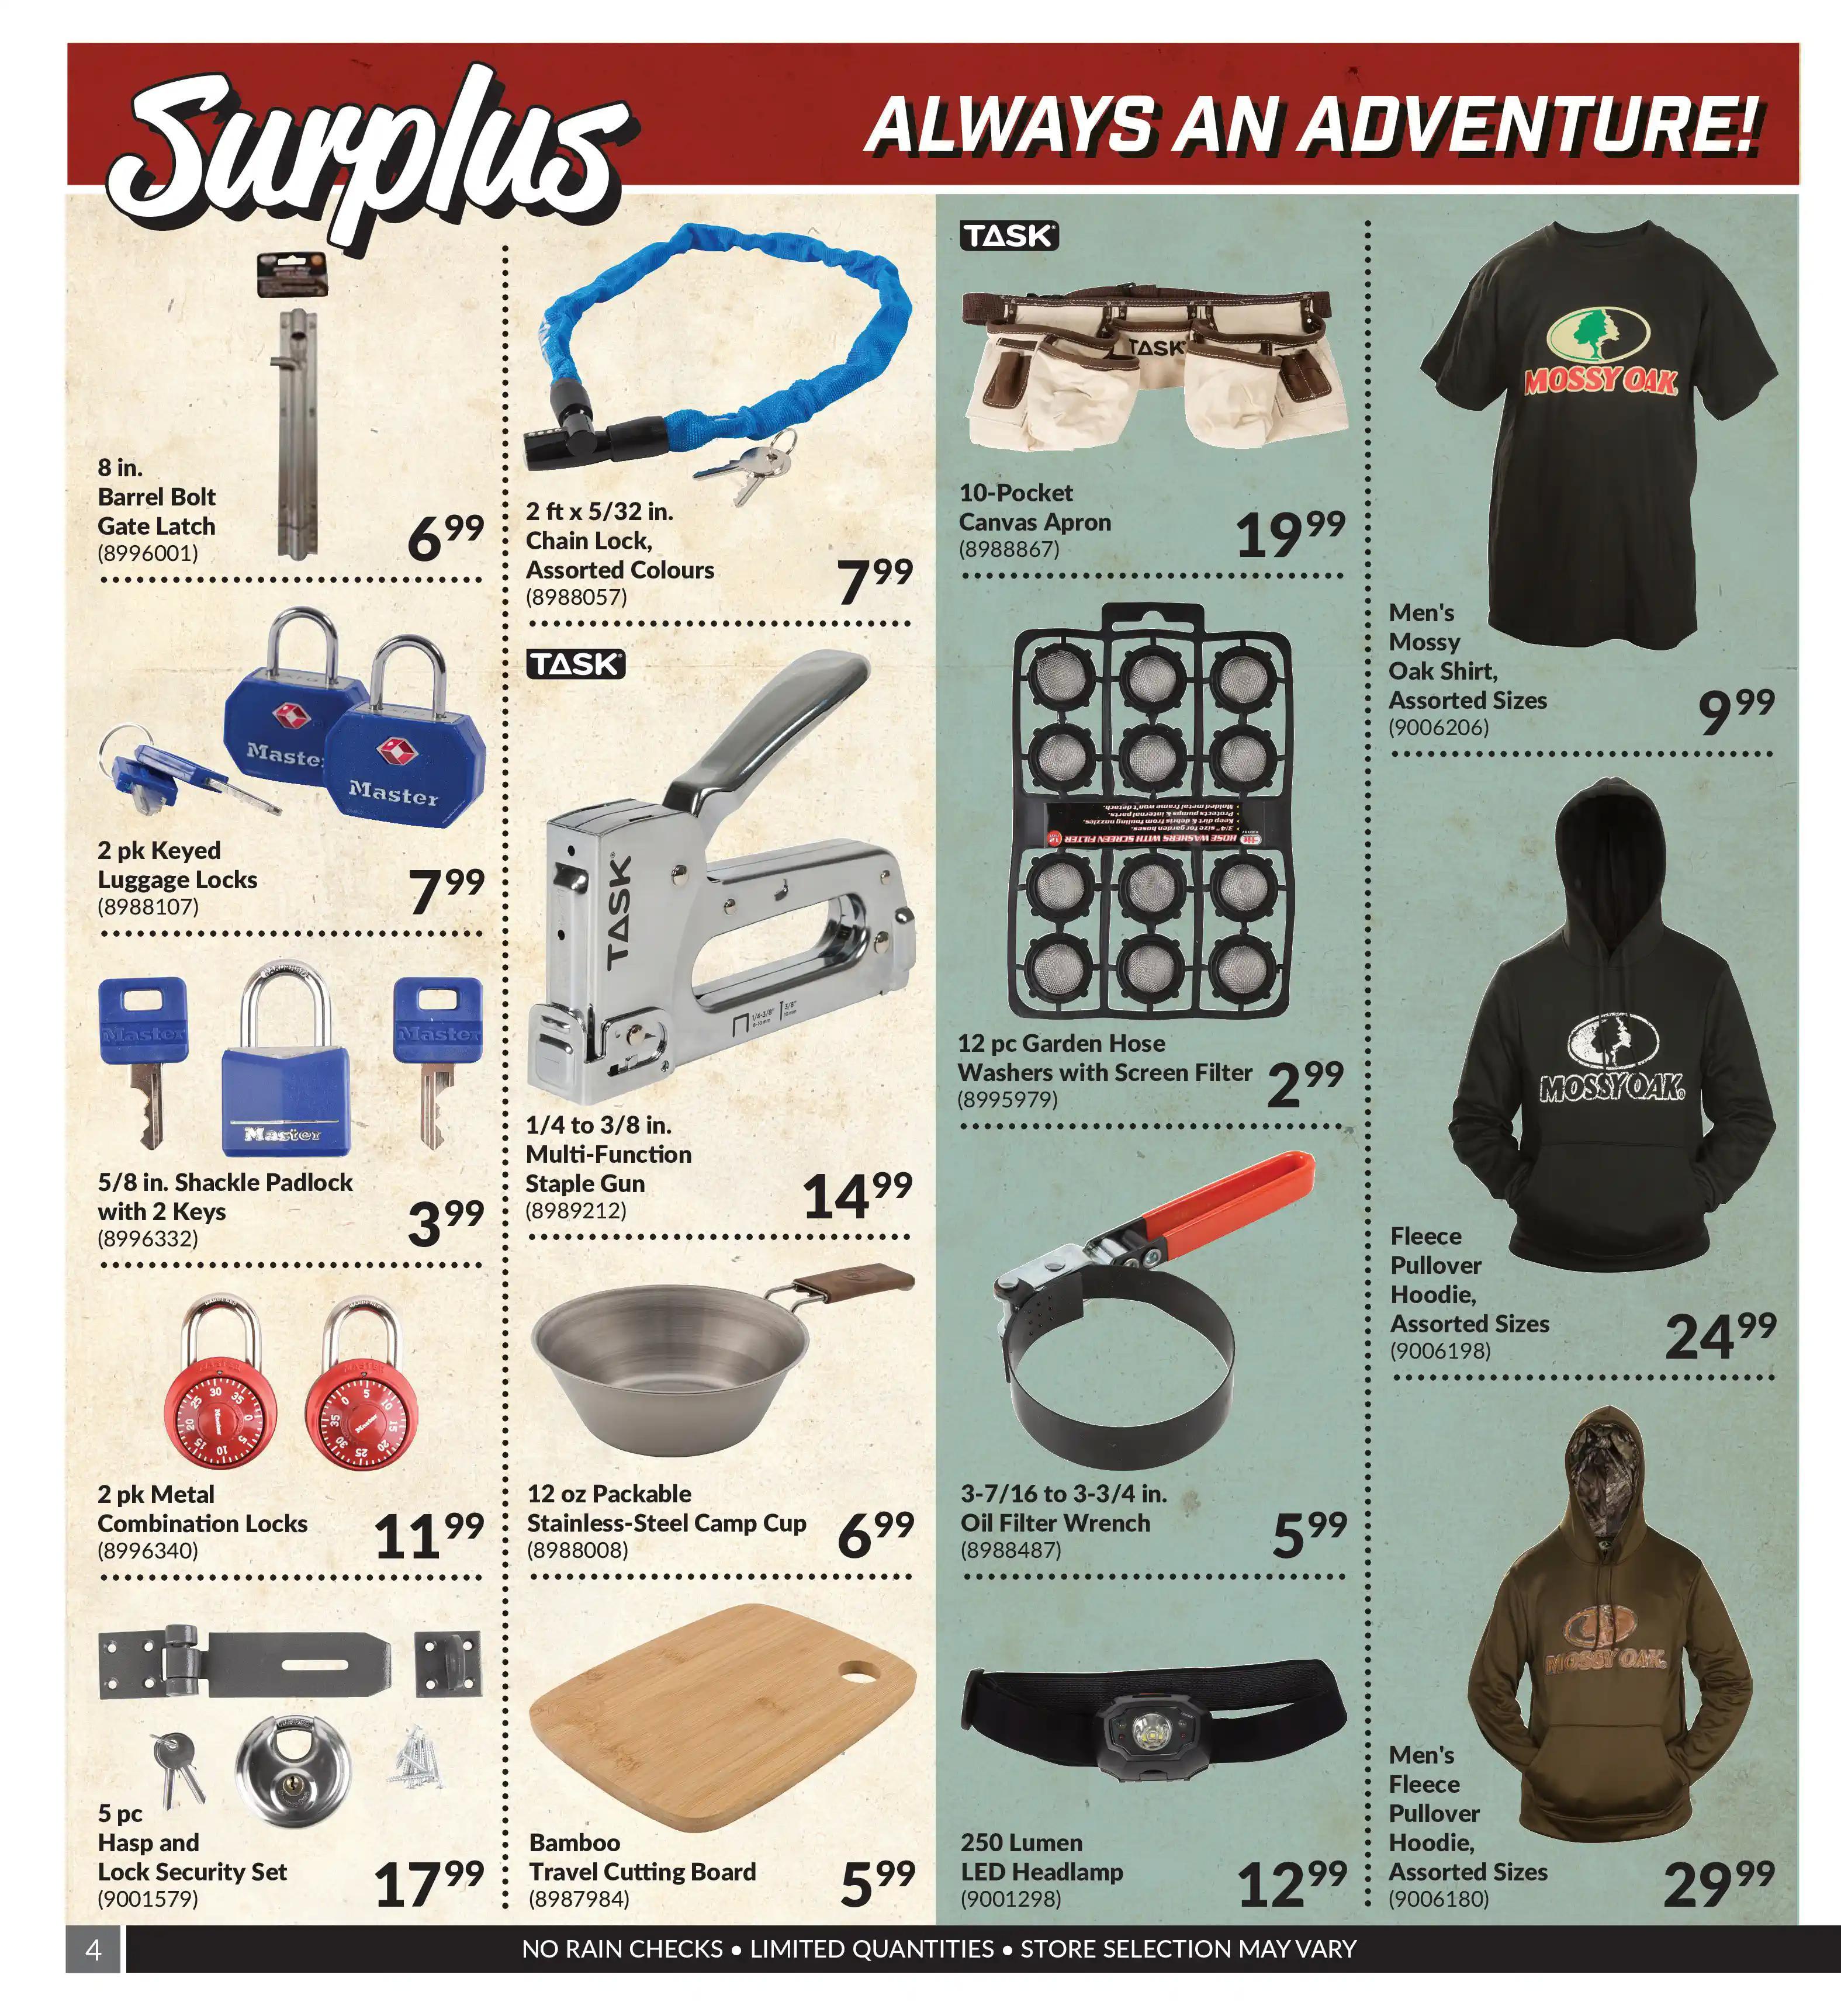 Princess Auto - Surplus - Page 4